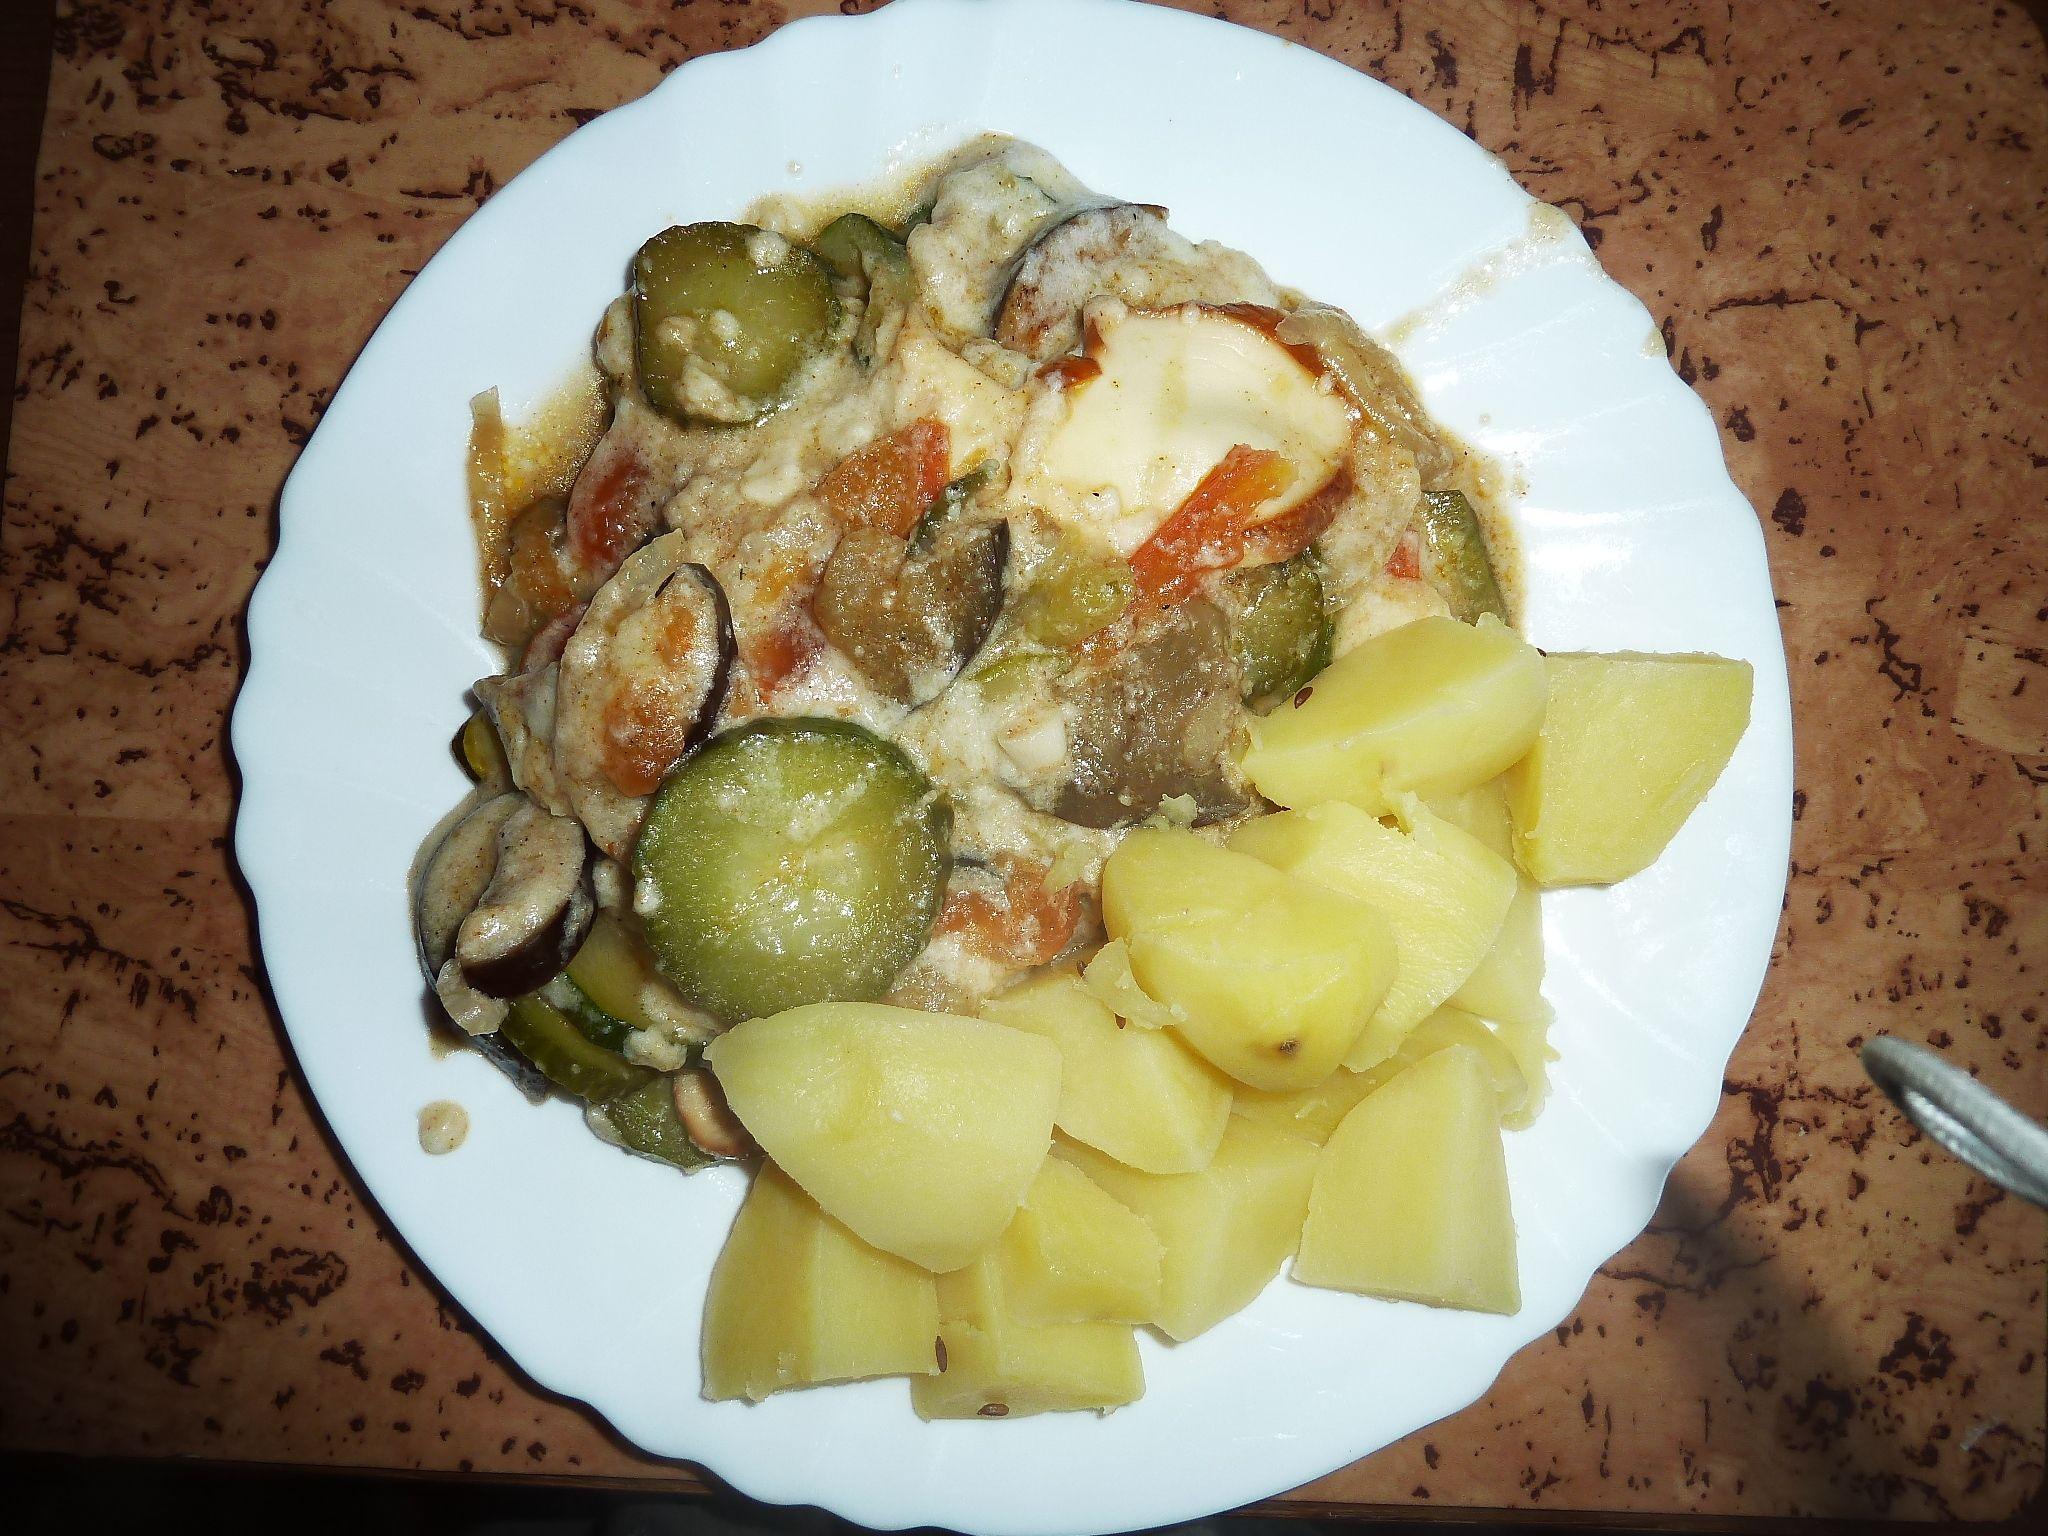 Zeleninový nákyp na bolzanský způsob